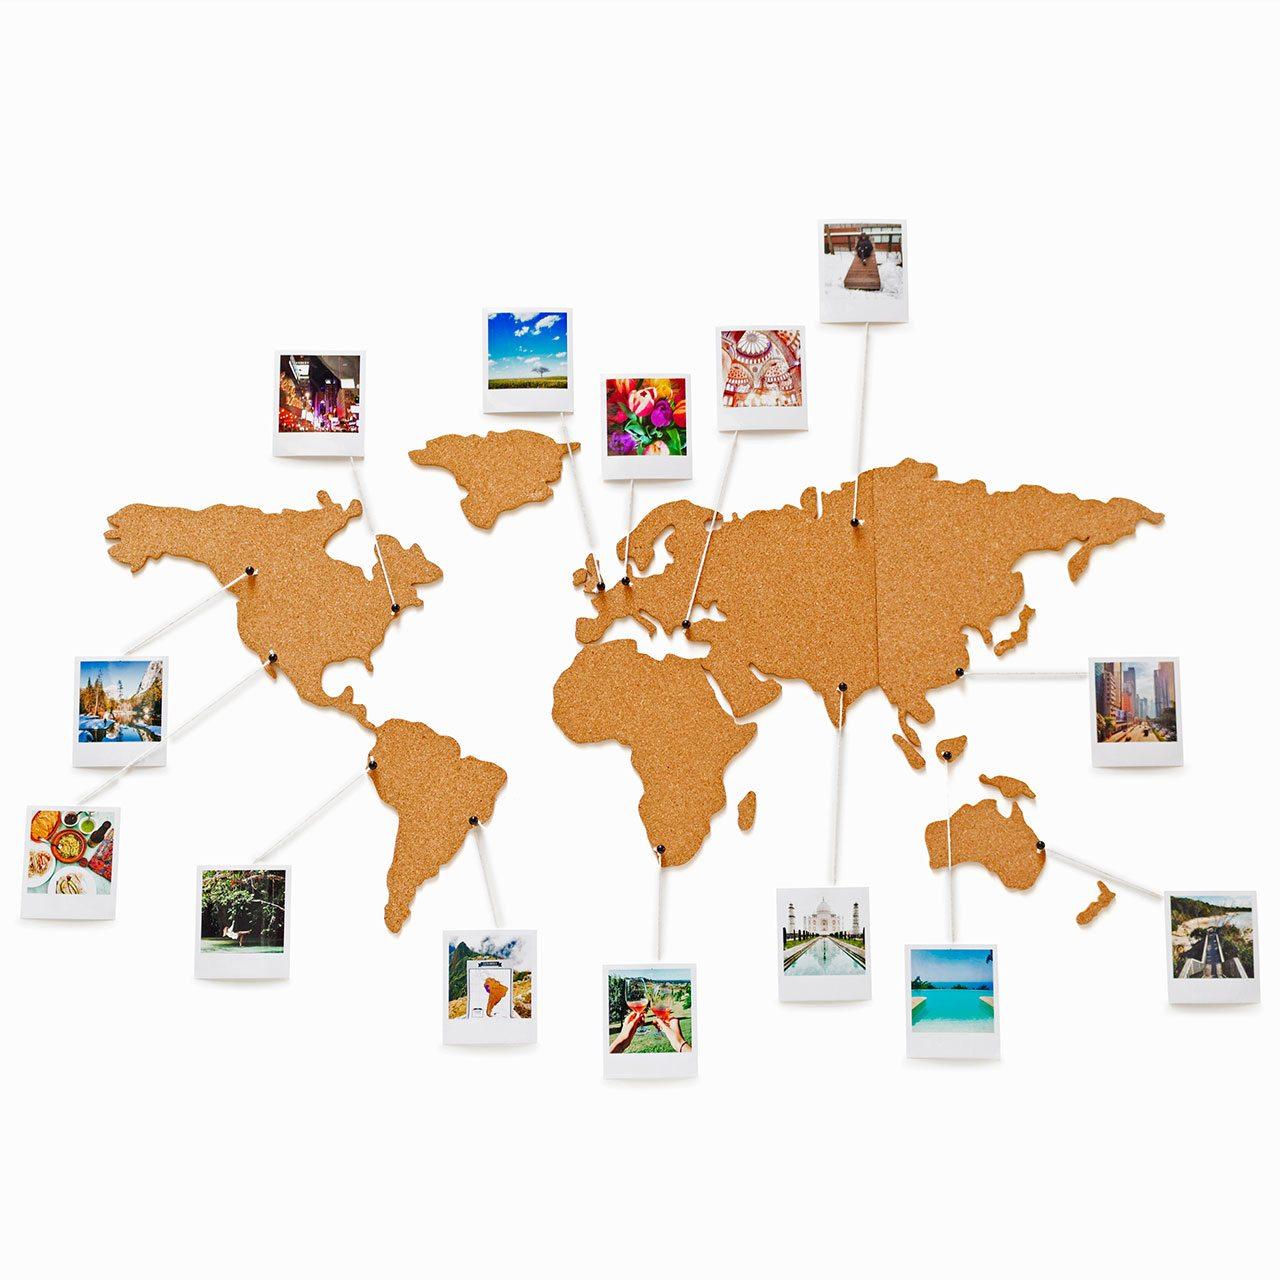 Kurk prikbord wereldkaart